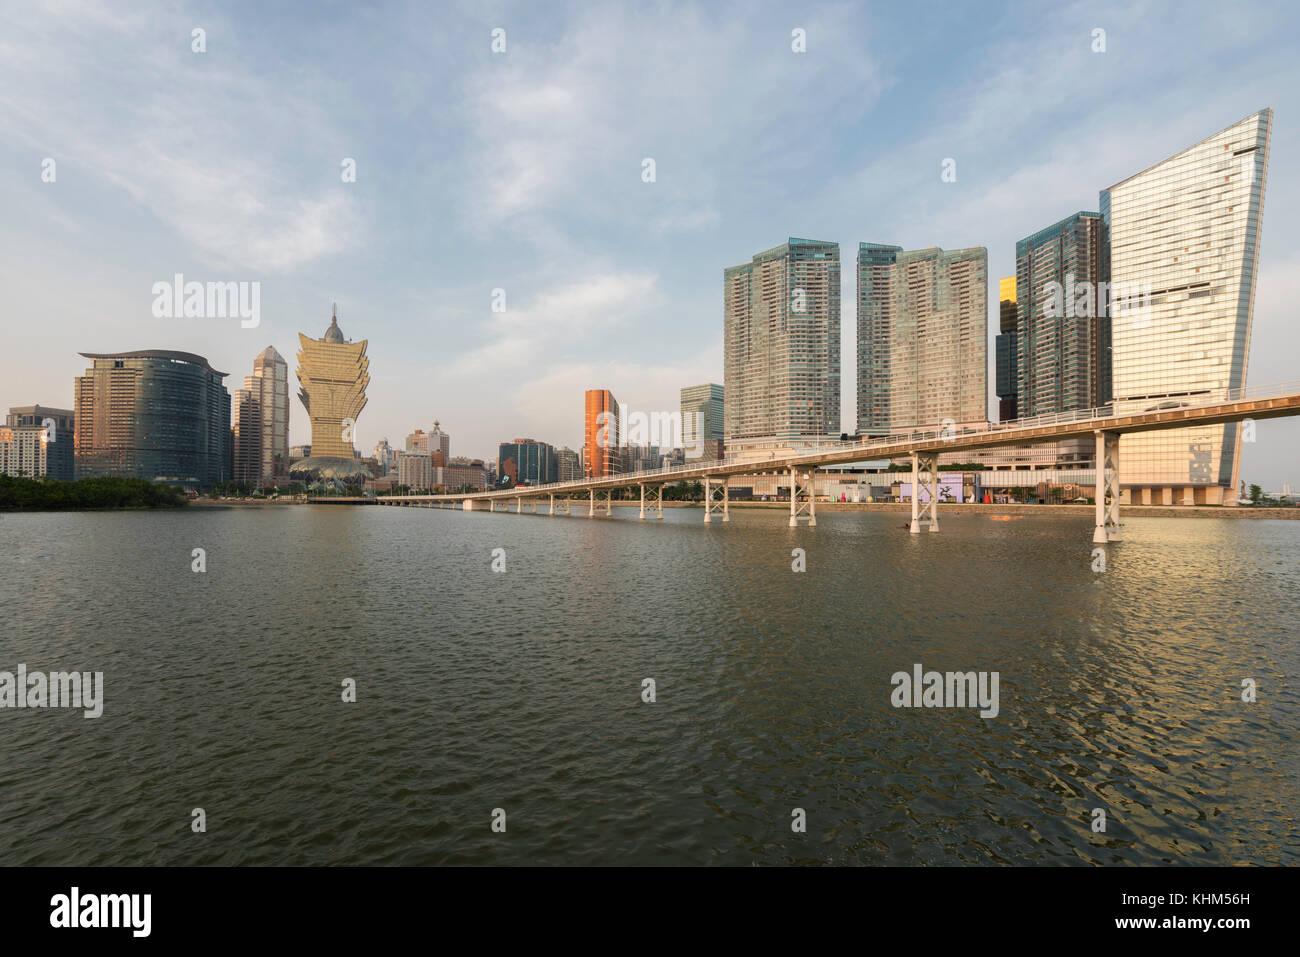 Image de Macao (Macao), Chine. gratte-ciel et des capacités au centre-ville de casino à Macao (Macao). Photo Stock